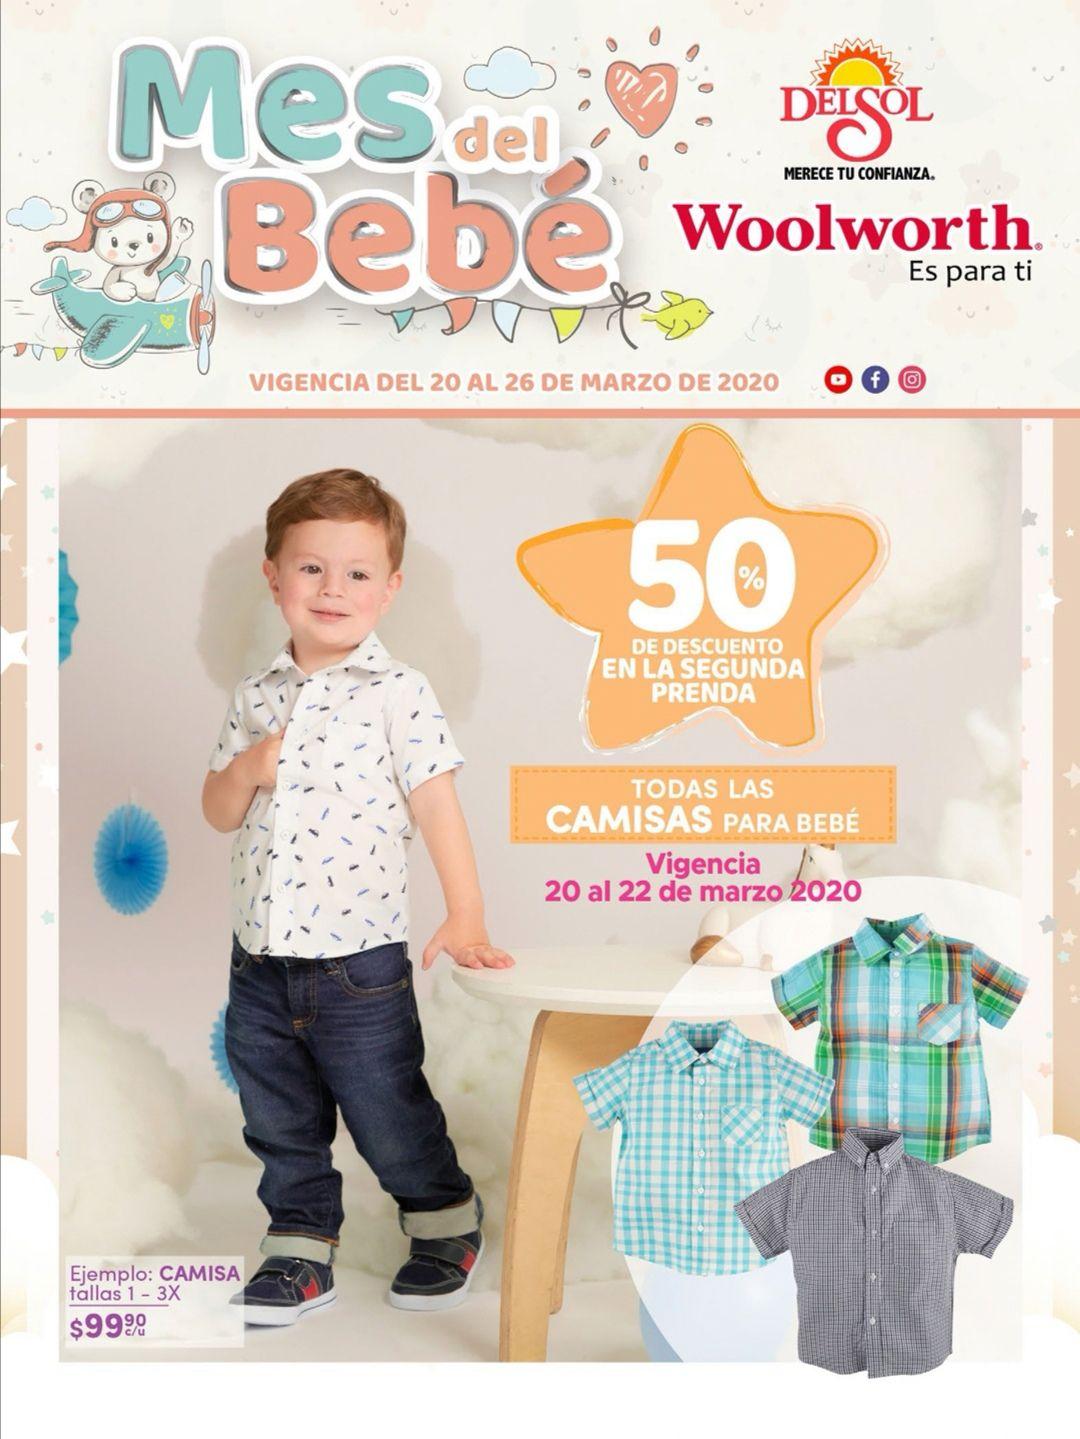 """Del Sol y Woolworth: 4° Folleto """"Mes del Bebé"""" del Viernes 20 al Jueves 26 de Marzo"""